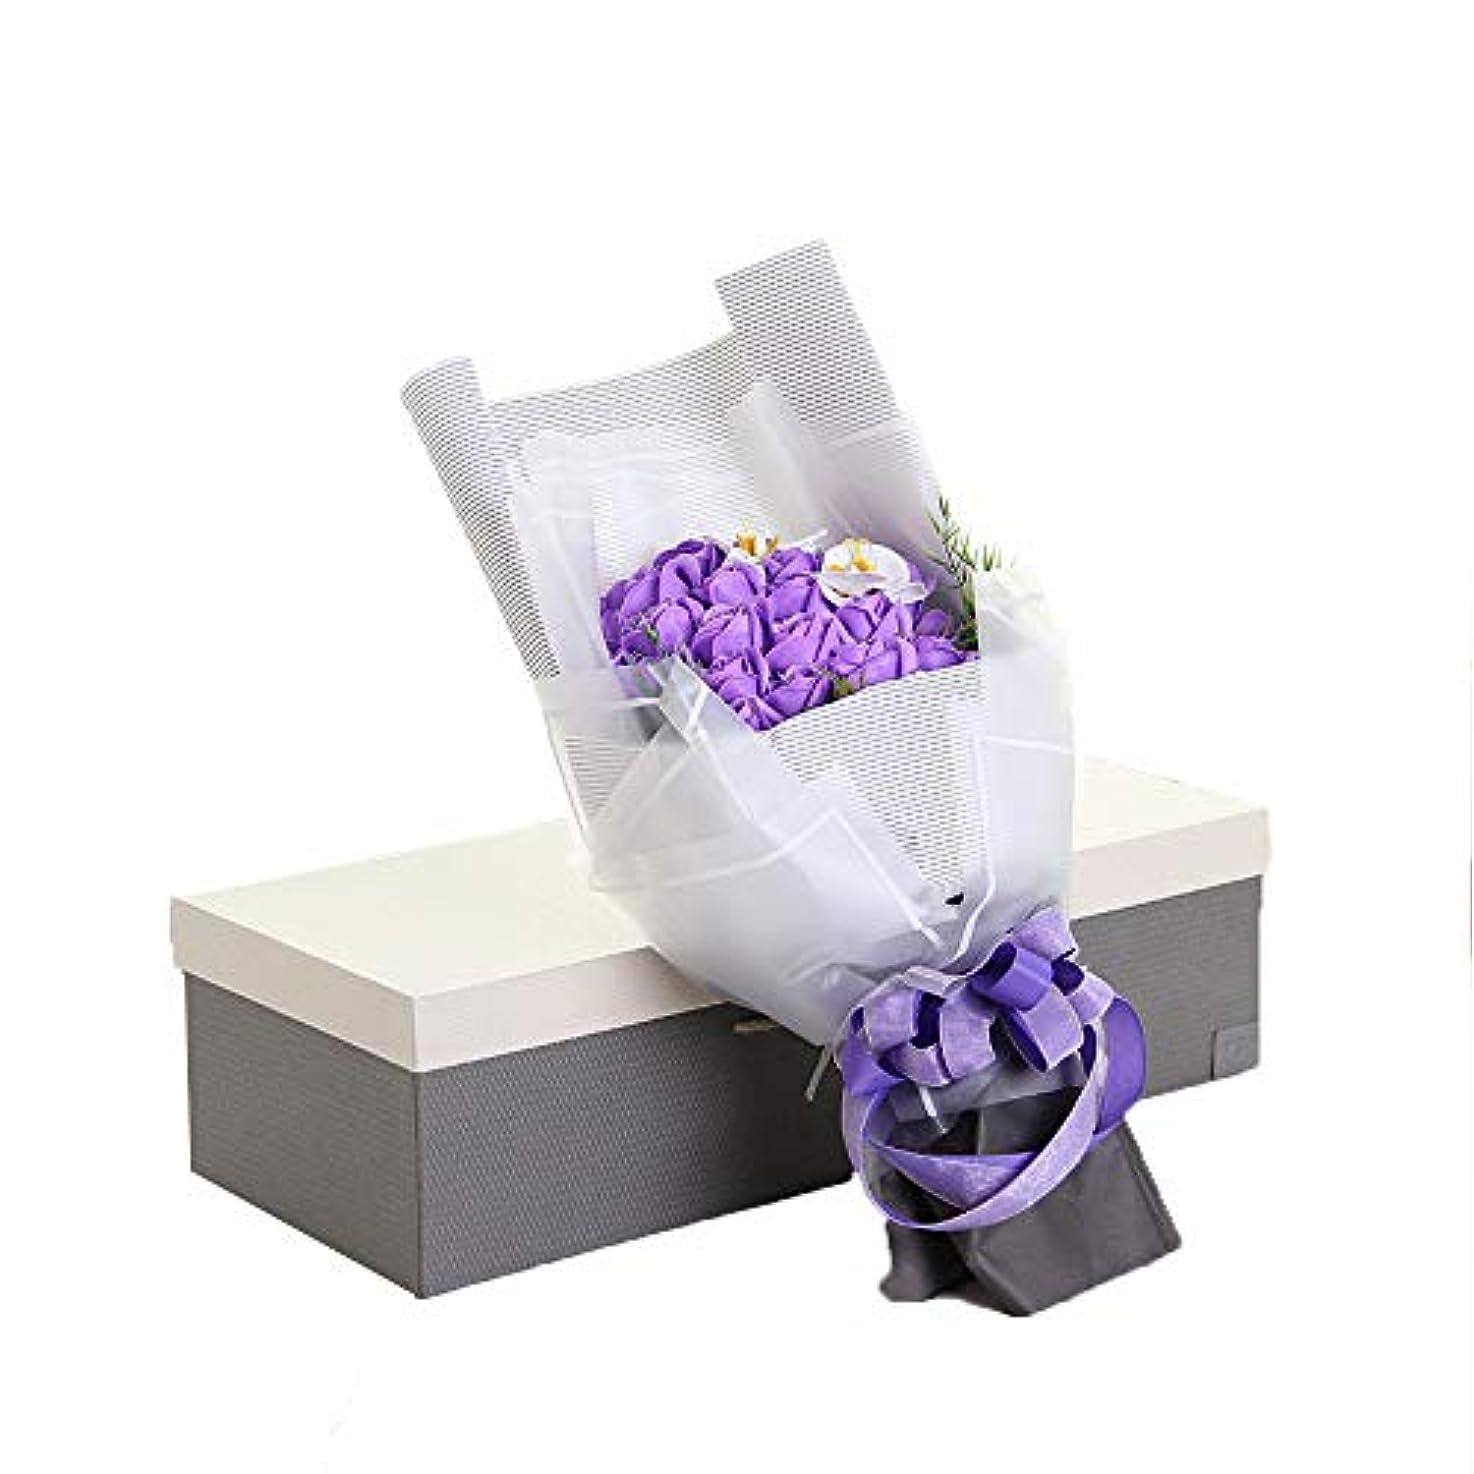 病気の奇妙なメンタリティ手作り29石鹸花の花束ギフトボックス、女性のためのギフトバレンタインデー、母の日、結婚式、クリスマス、誕生日(ベアカラーランダム) (色 : 紫の)